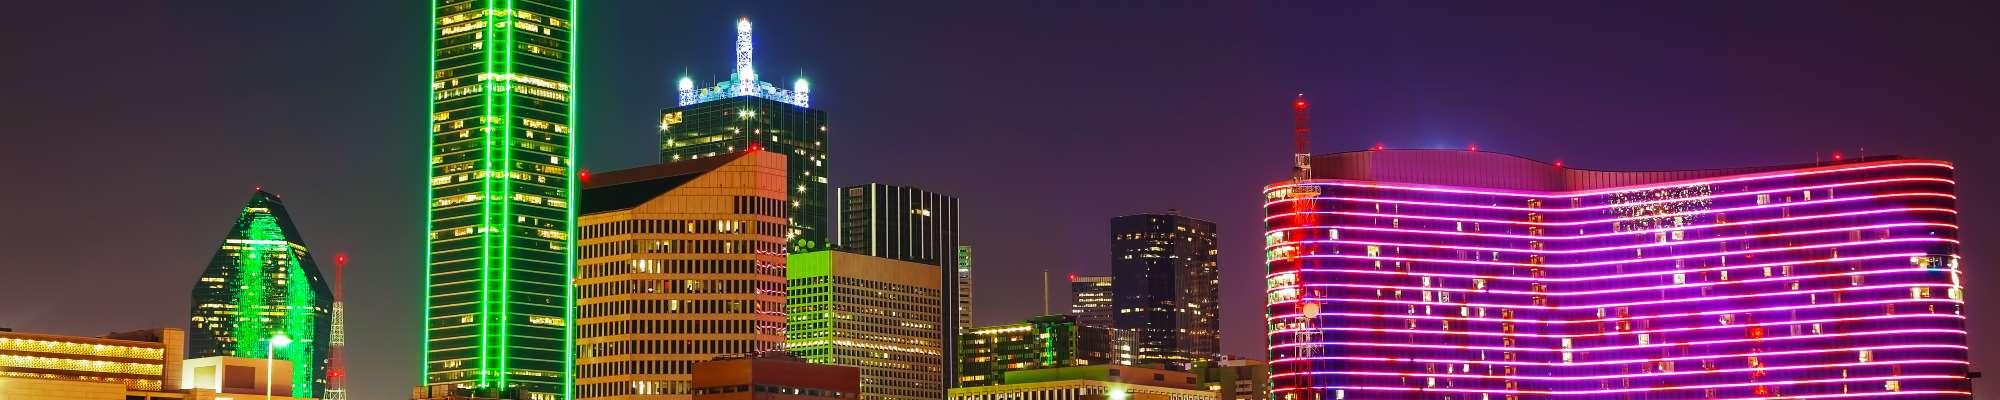 Dallas Texas Party Bus